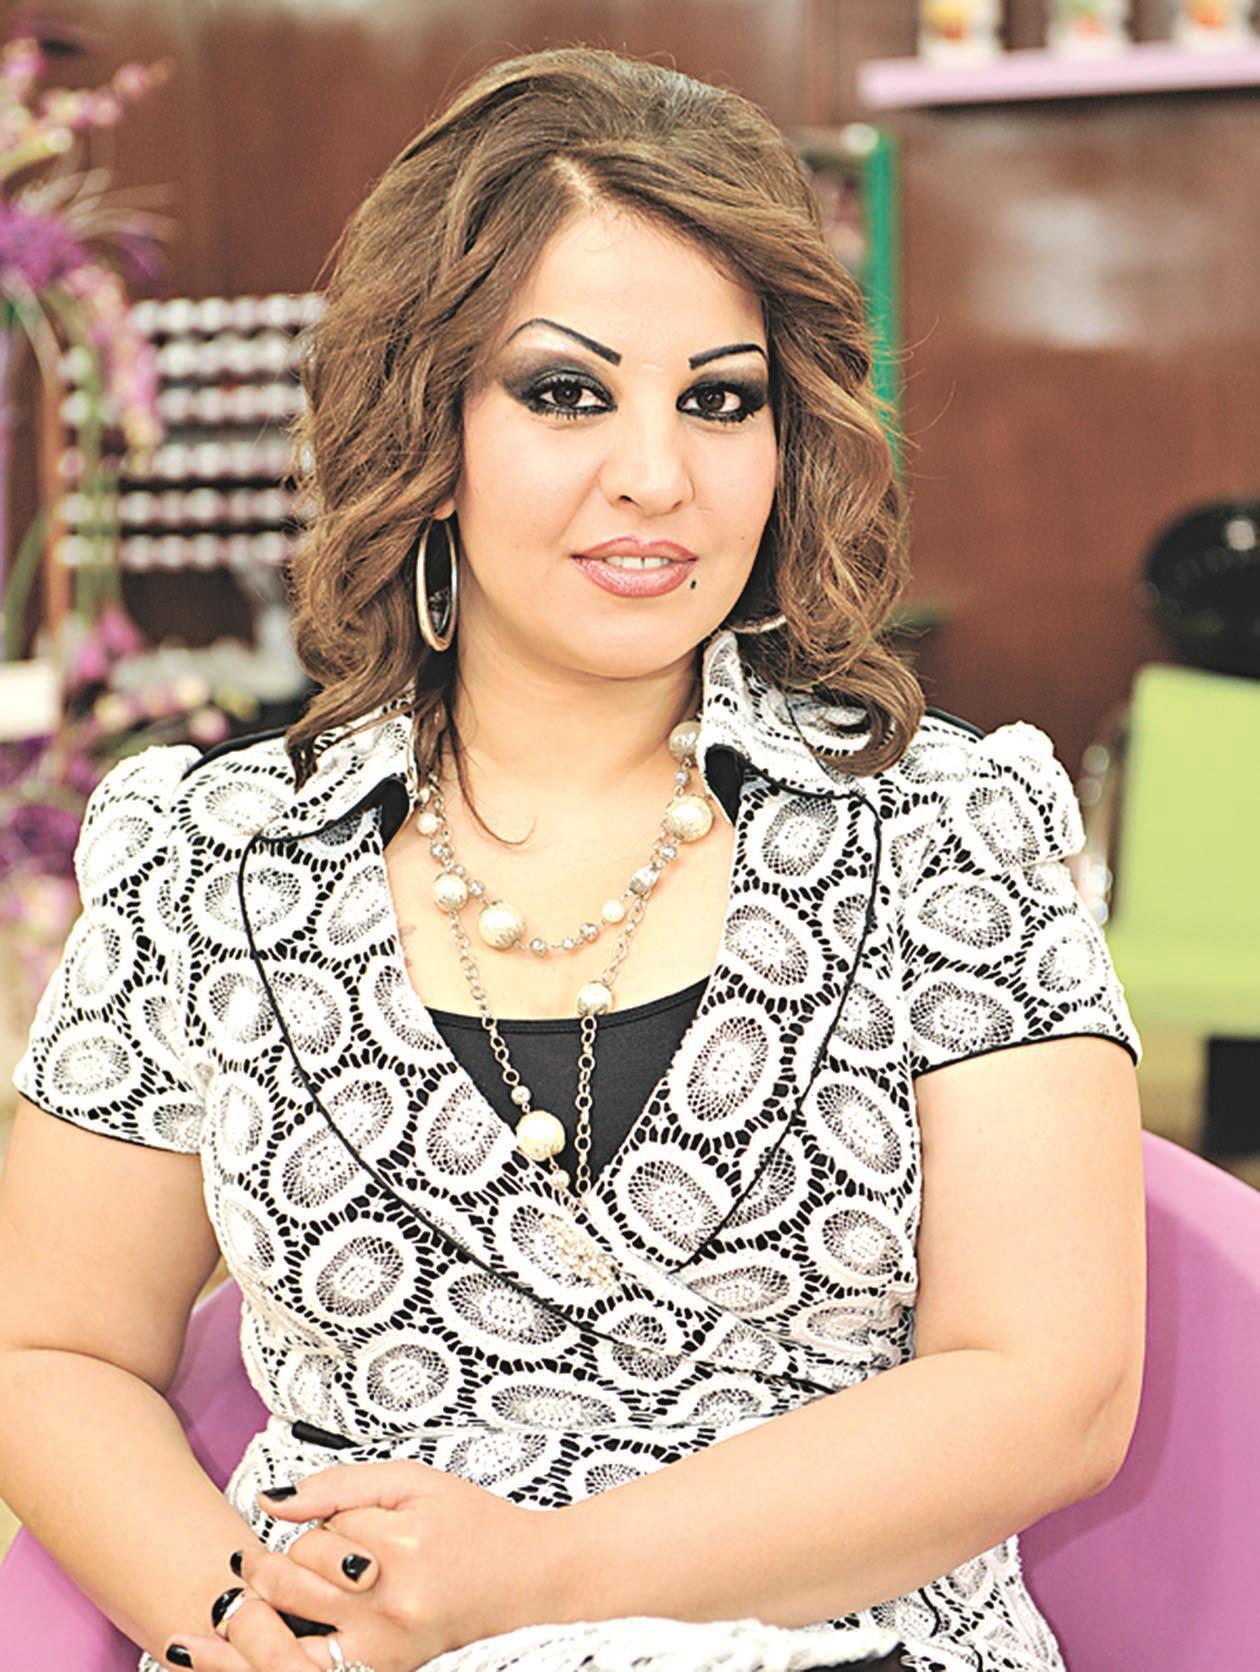 سلمى سالم لـ «الراي»: أشغلُ «مساحات خالية» ... مع منقذ السريع - دوت امارات